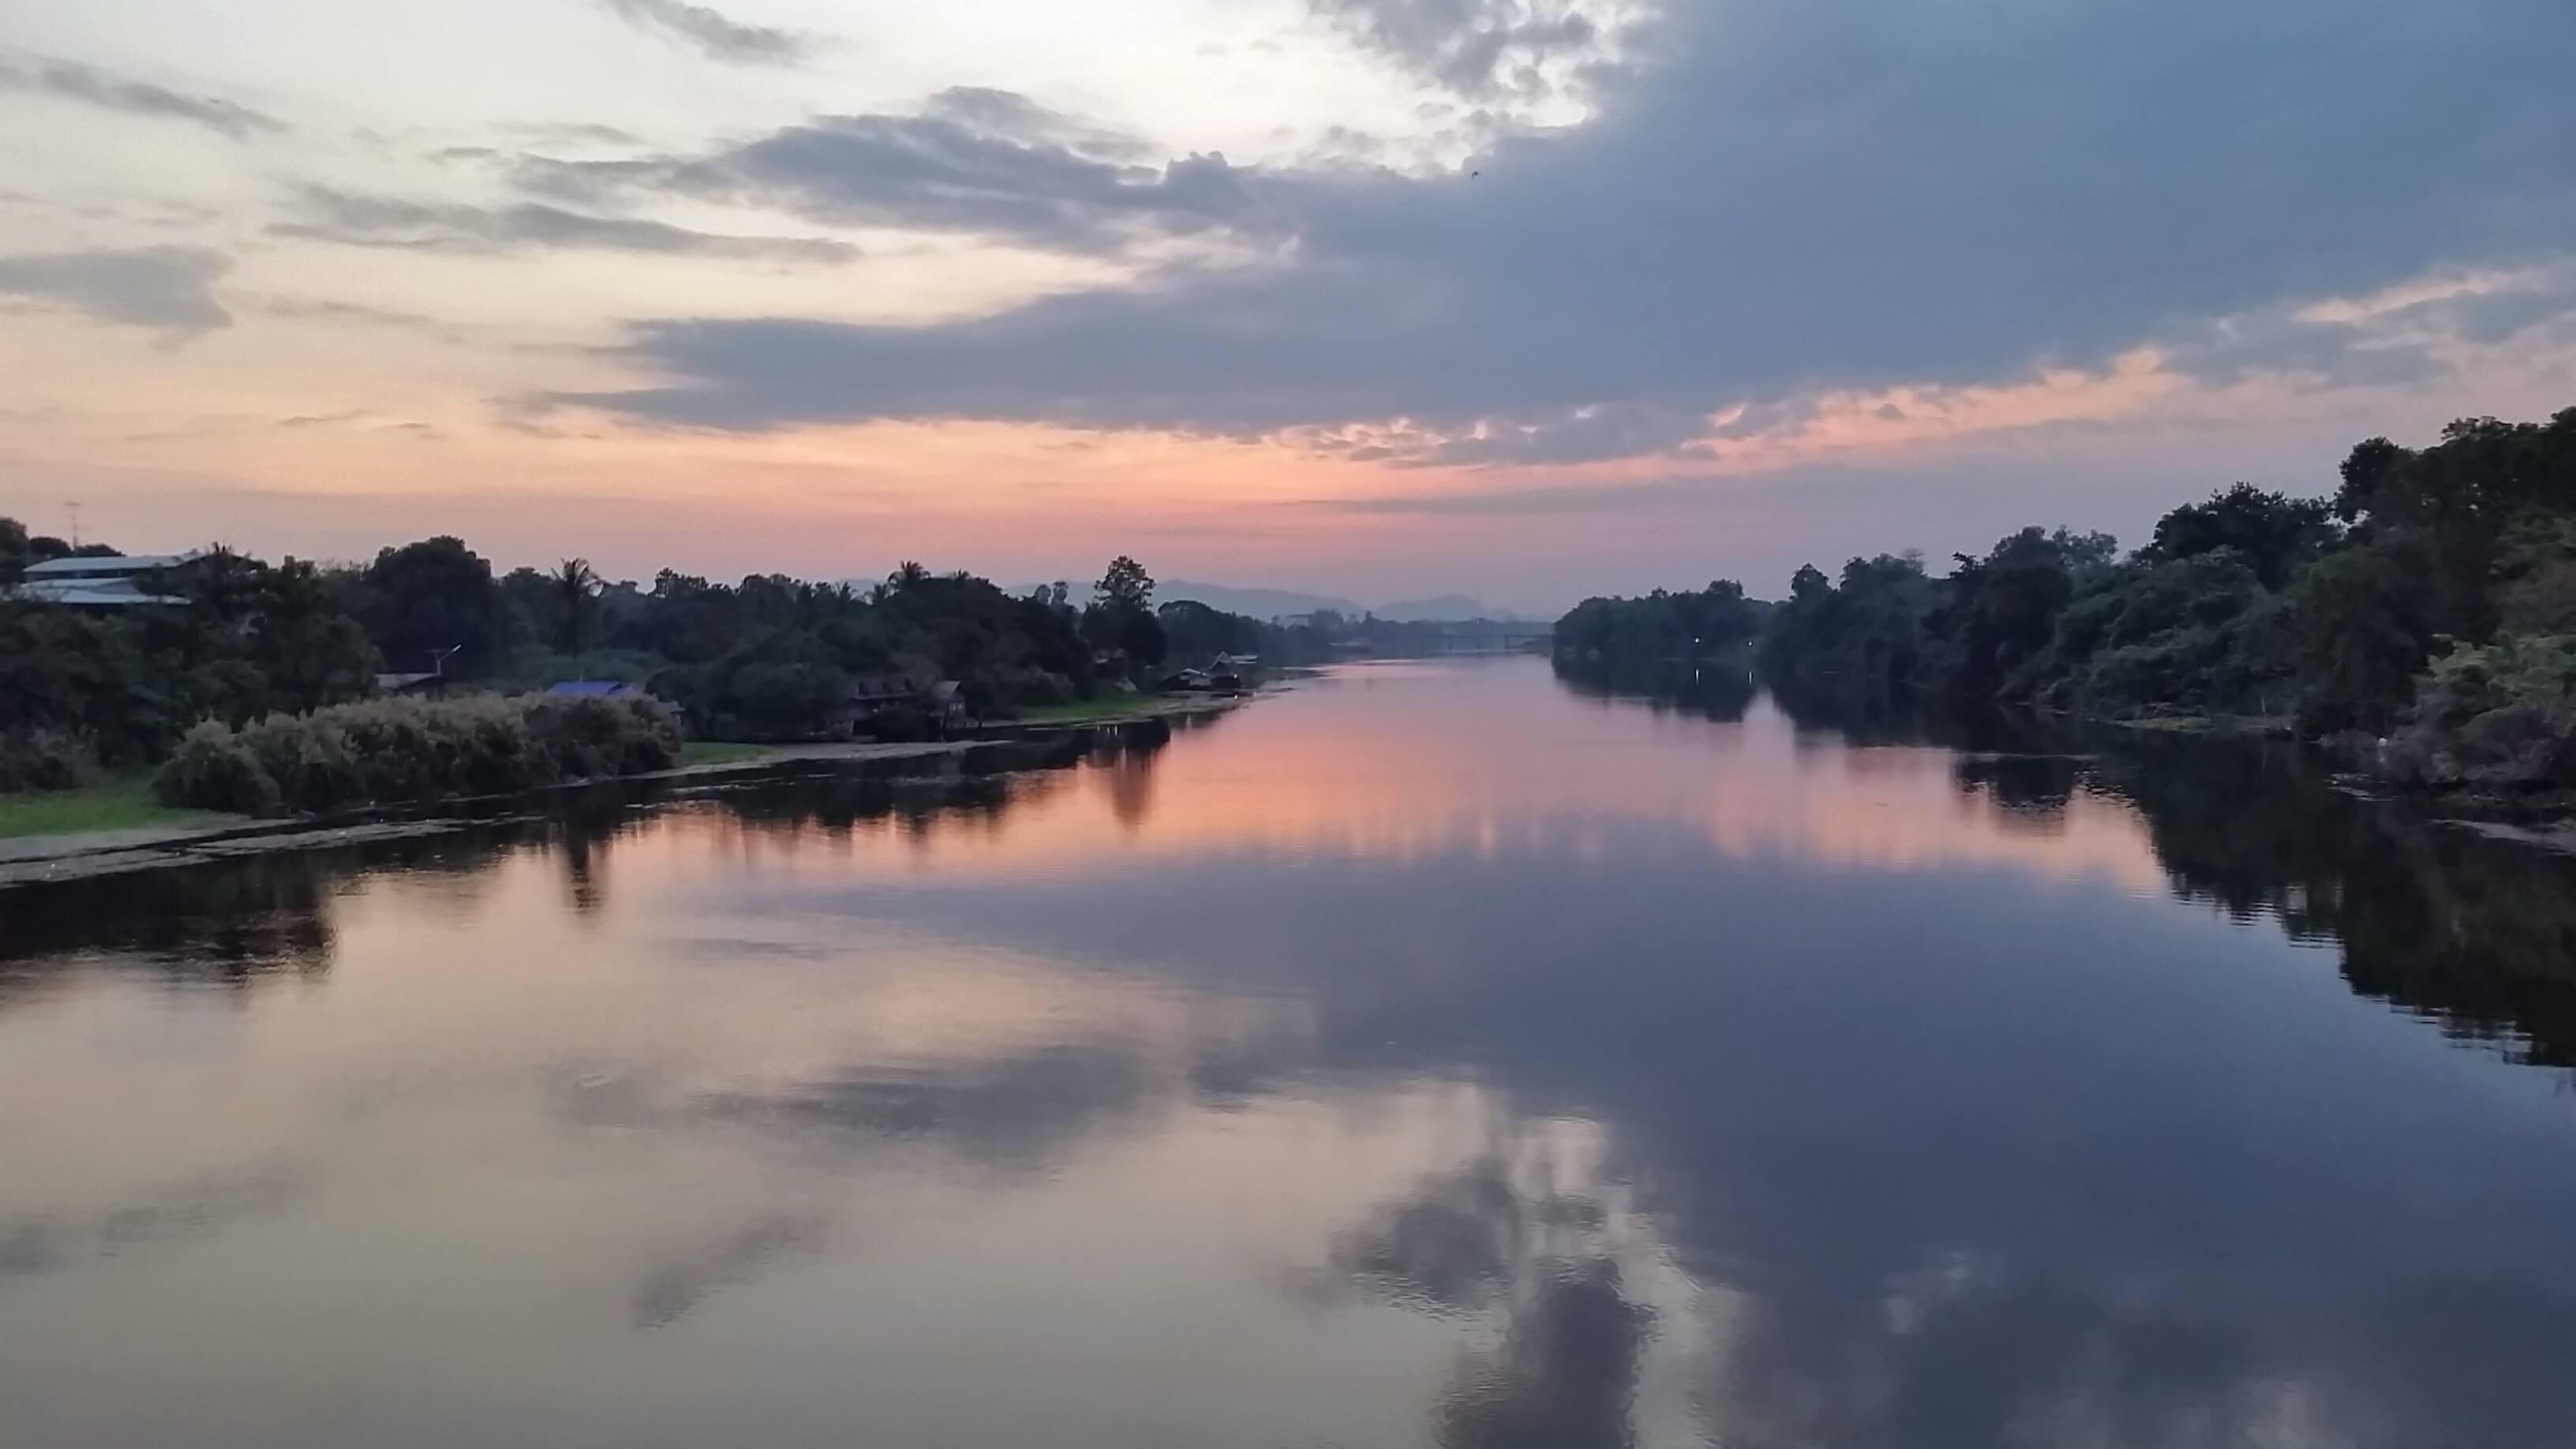 River Kwai sunrise